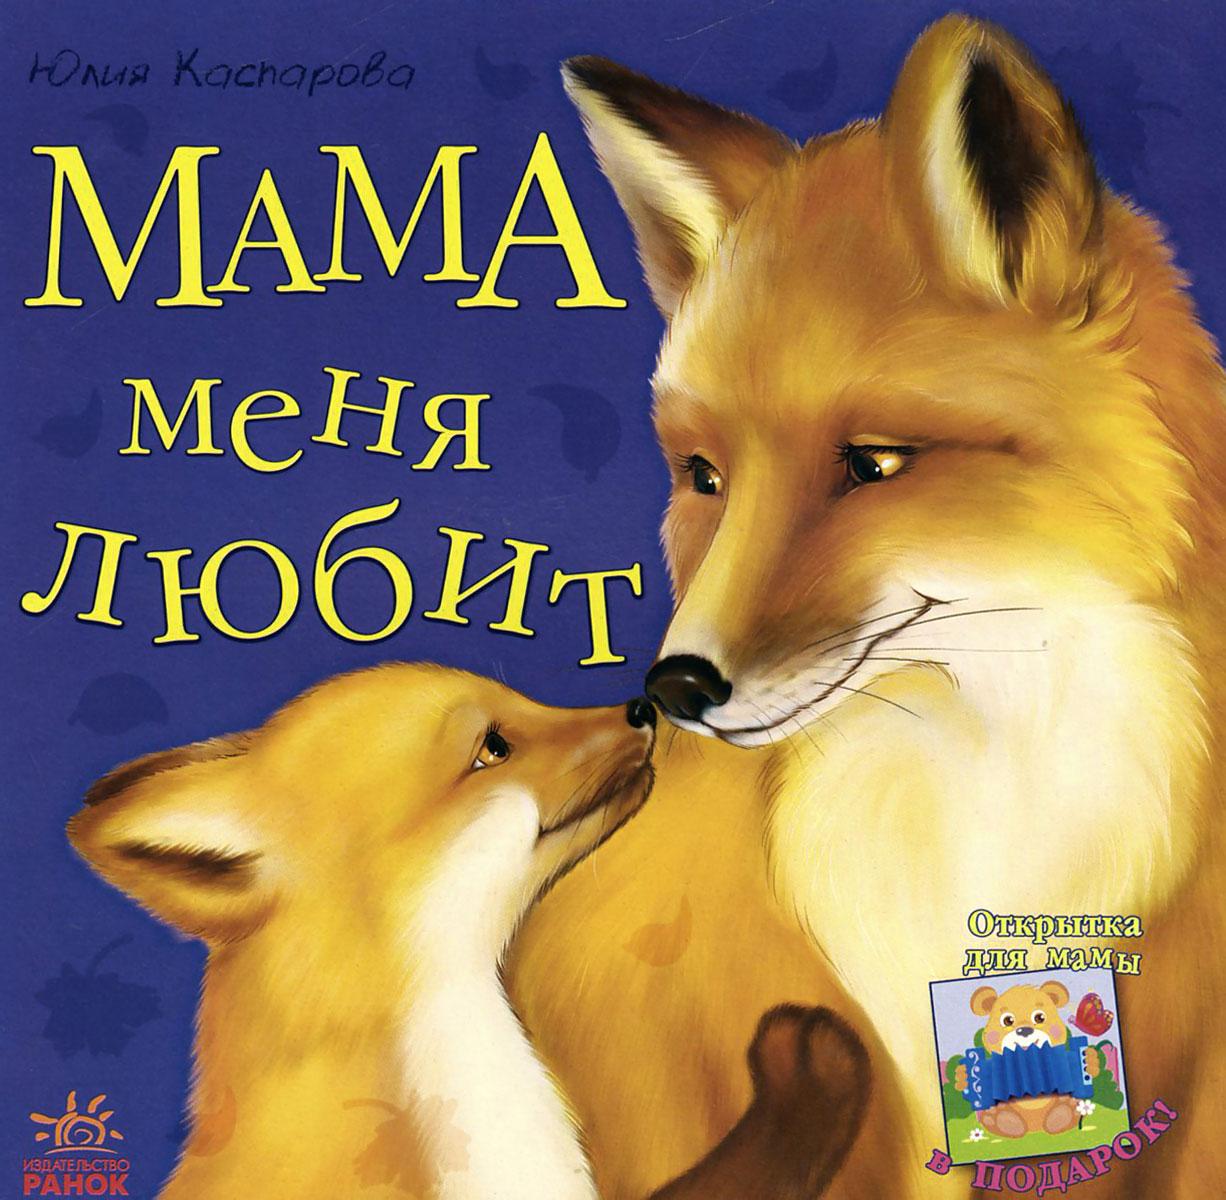 Мама меня любит (+ открытка)12296407В книгу вошли добрые стихи Юлии Каспаровой и яркие, милые иллюстрации Евгении Перепелицы. На страничках живут забавные зверята и их мамы. Книга подарит взрослому и малышу множество приятных минут семейного чтения, наполненных нежностью и любовью друг к другу! А еще в книге вы найдете красочную открытку, которую ребенок сможет подарить своей самой лучшей маме. Издание предназначено для детей дошкольного возраста.